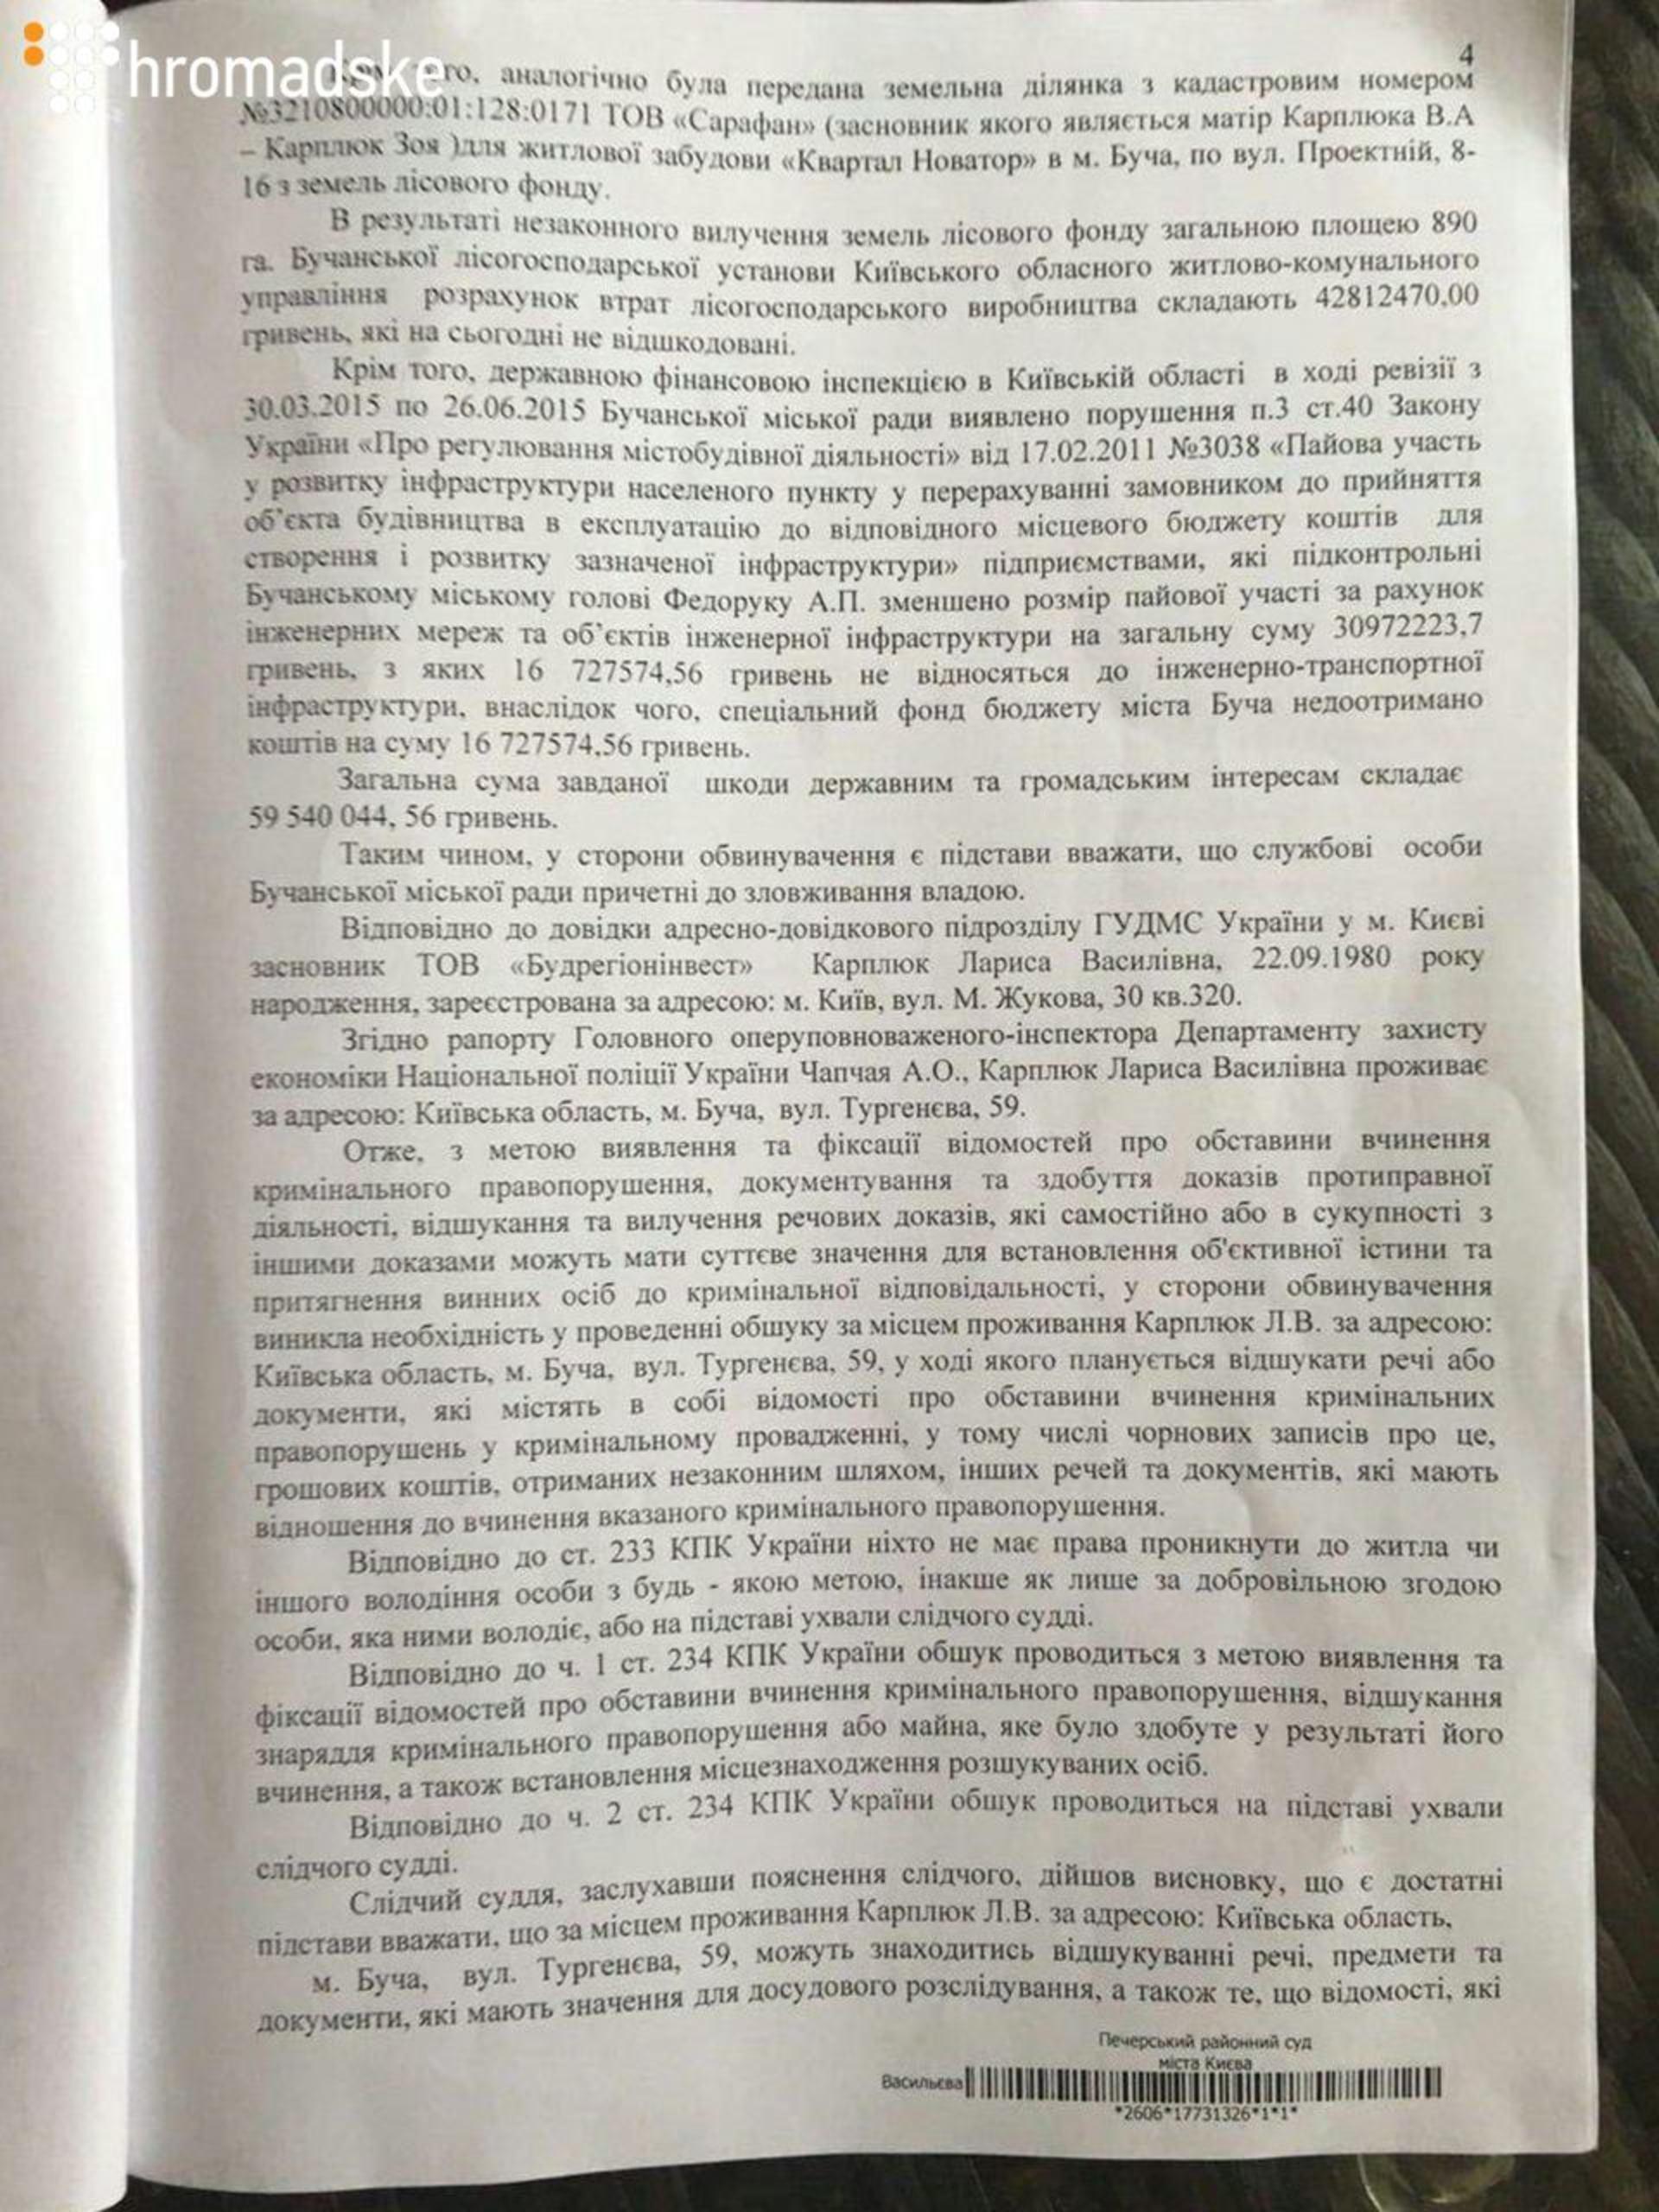 Мер Ірпеня заявляє, що жодних кримінальних справ щодо нього не розслідується  - фото 6